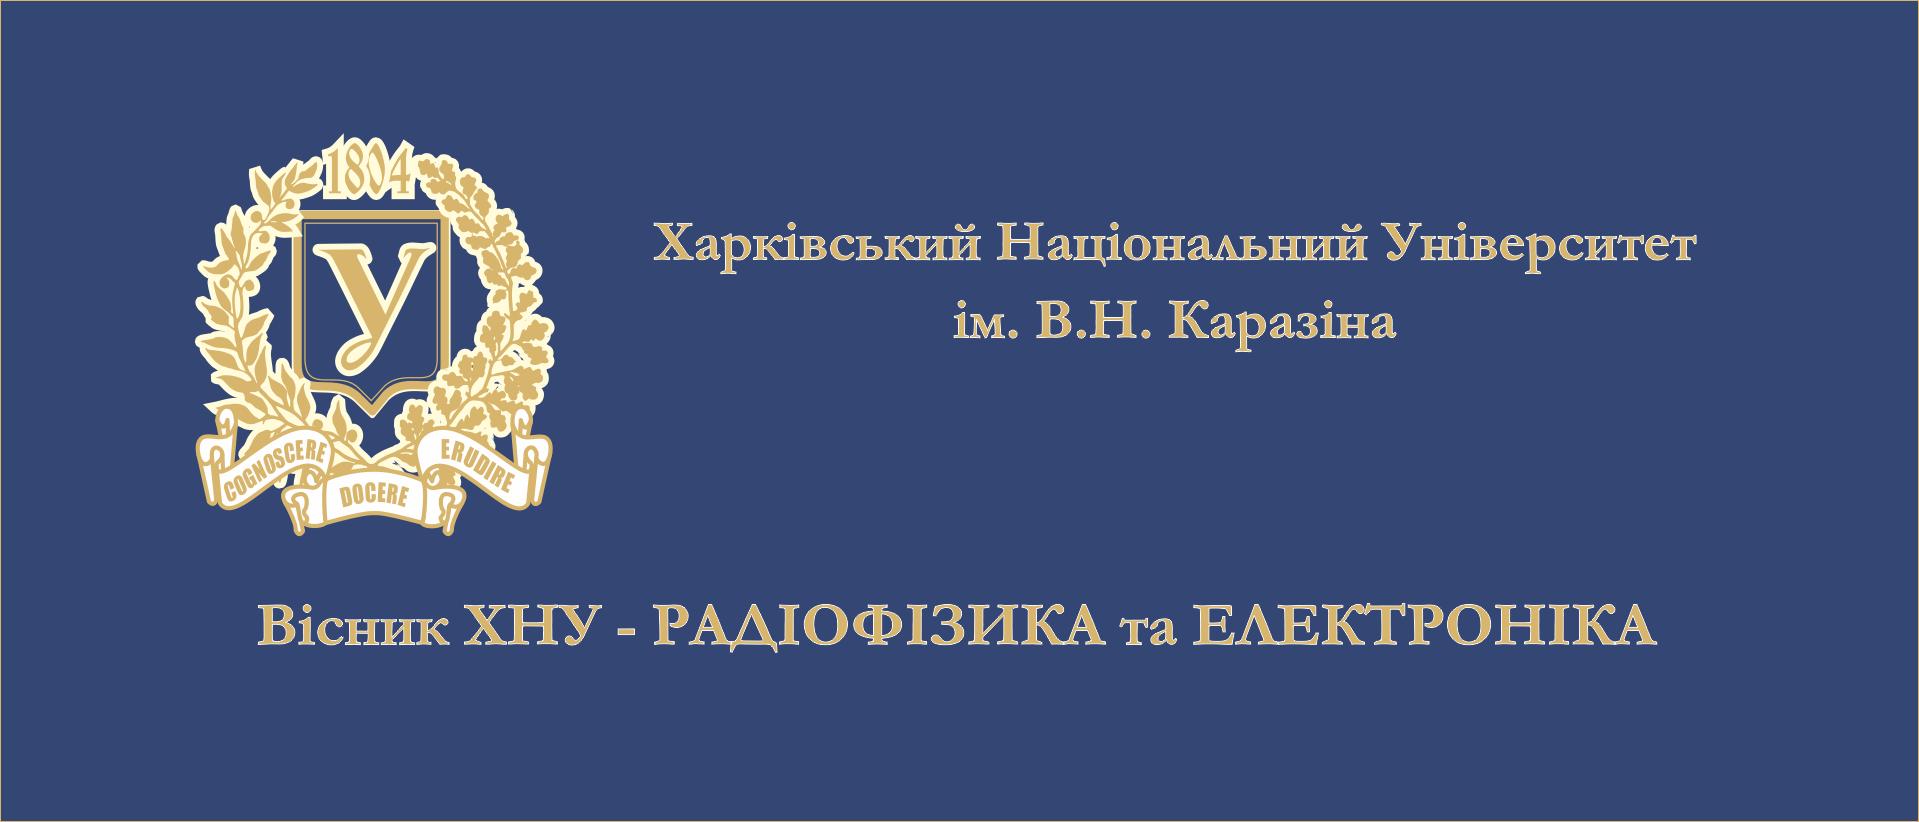 Vestnik of Kharkiv National University named after V.N. Karazin